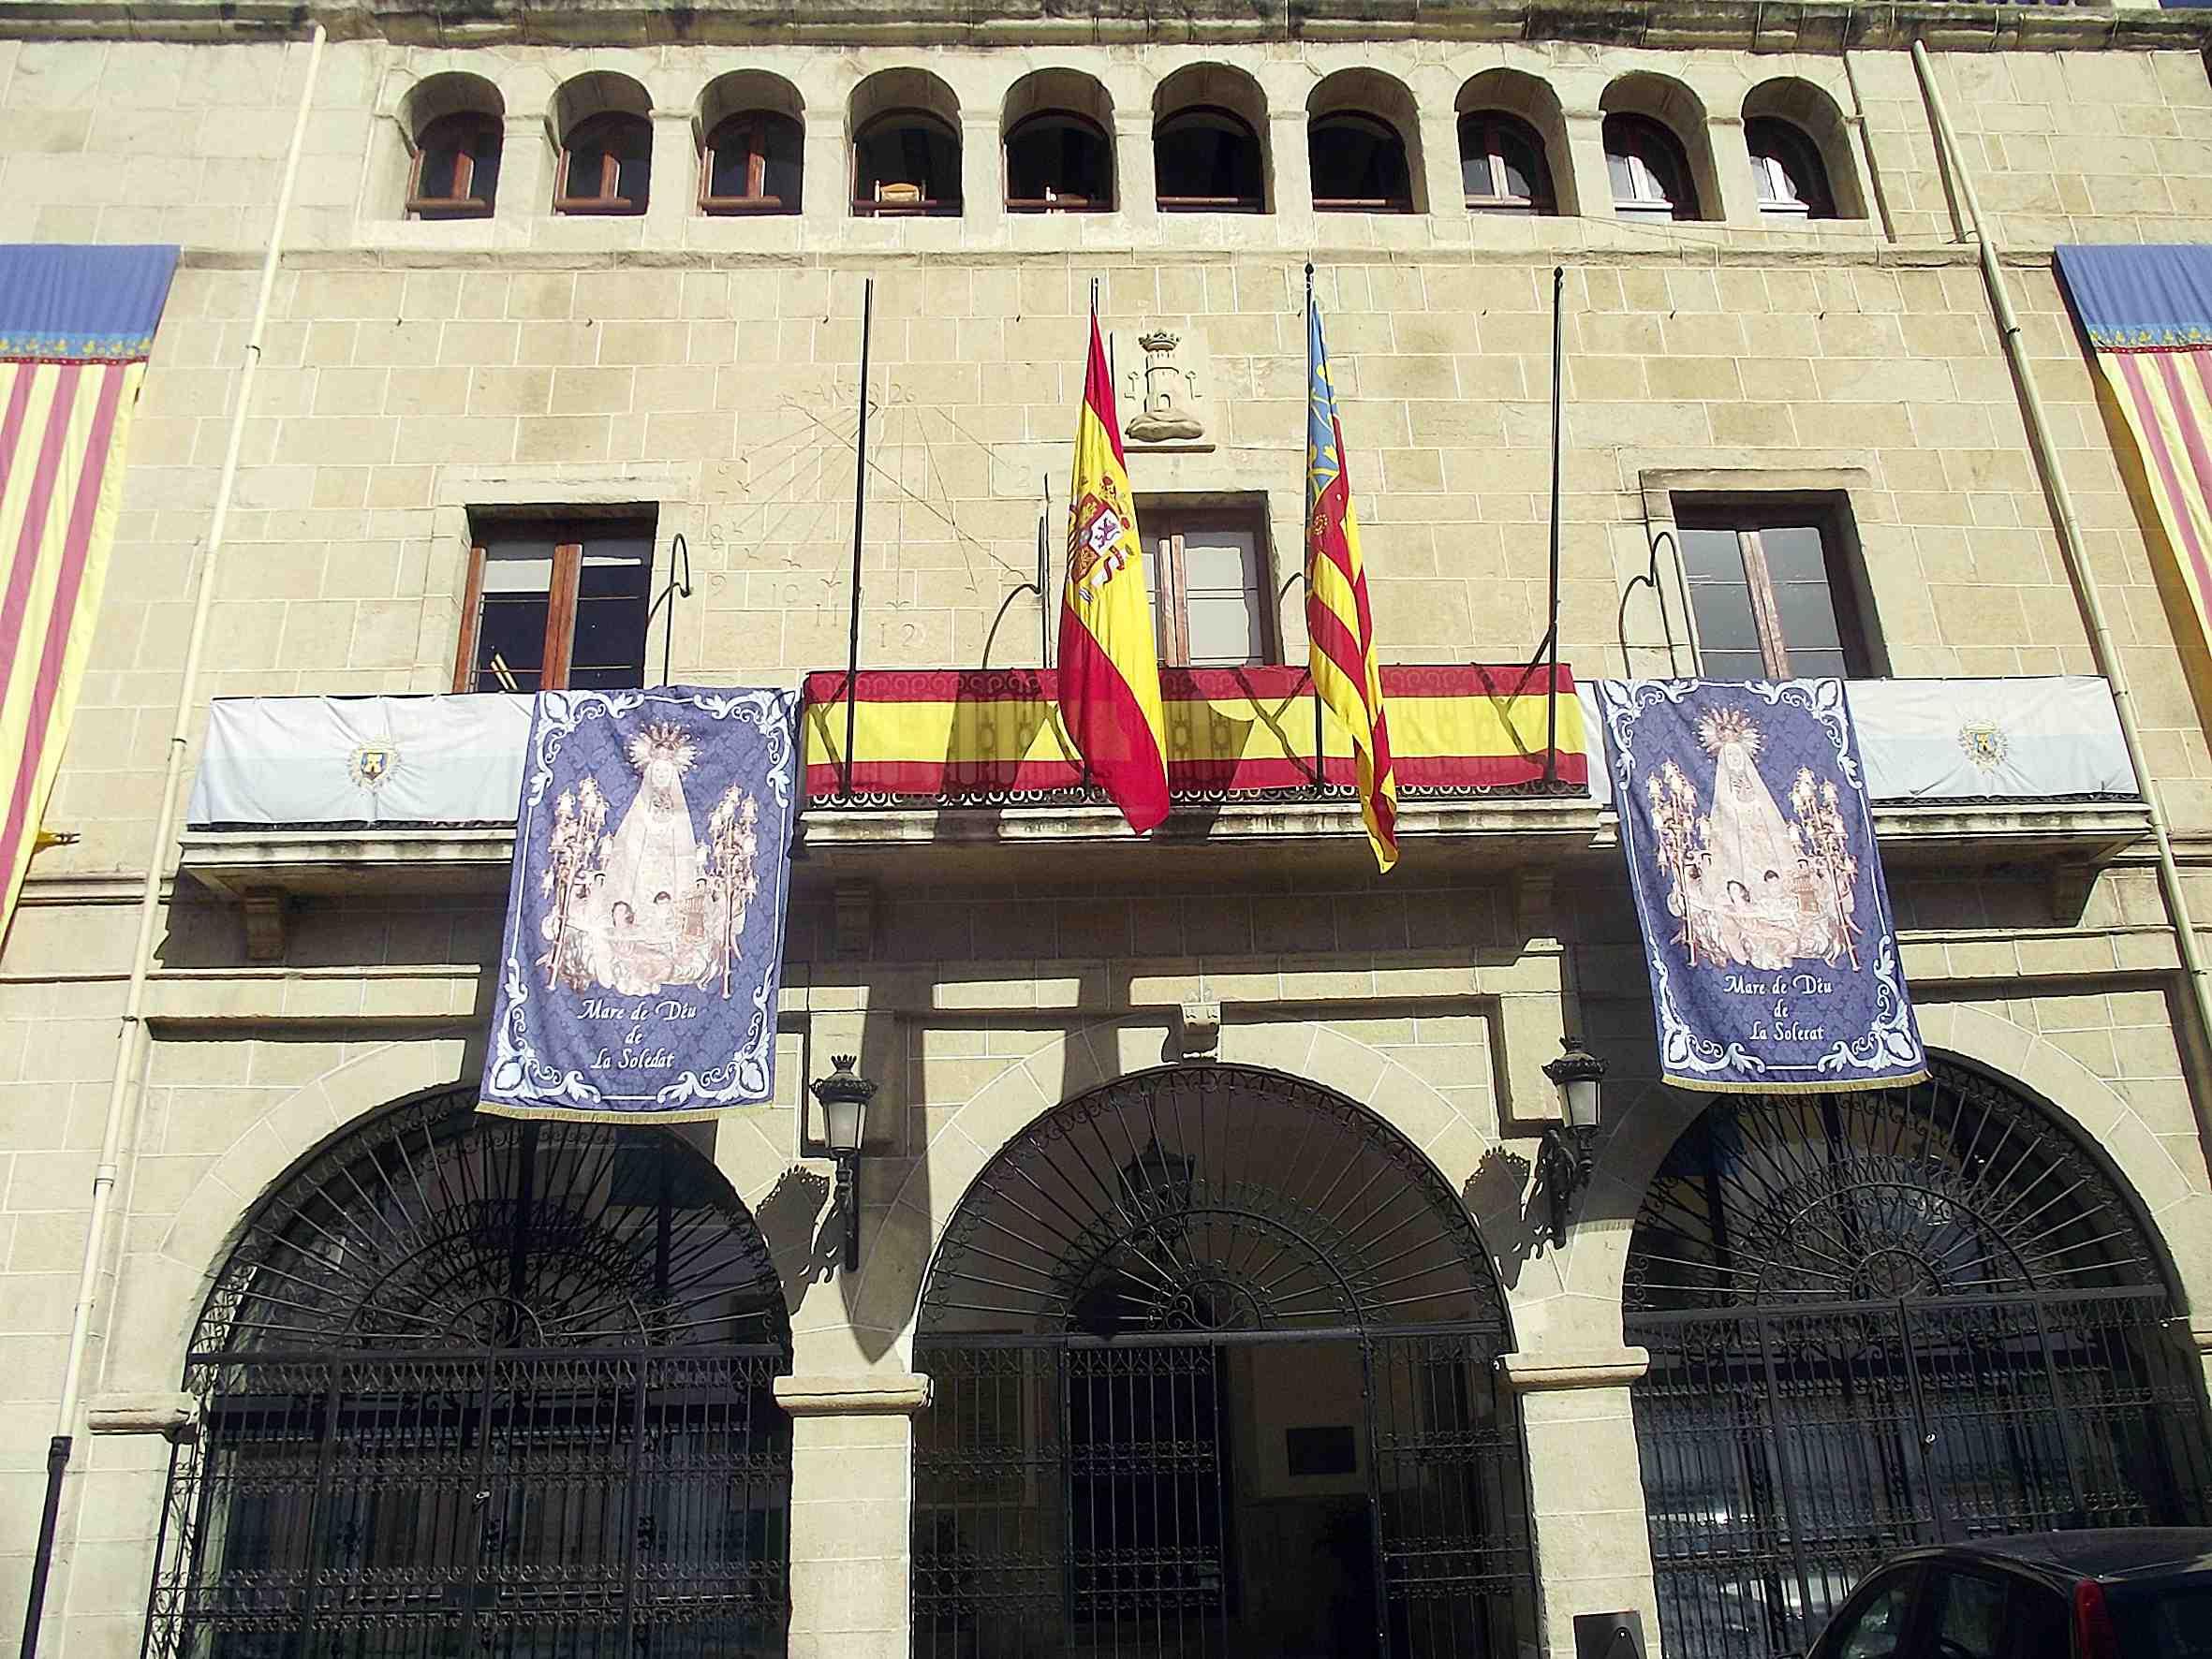 El SEP-CV aconseguix la majoria absoluta en els comicis sindicals de l'Ajuntament de Castalla